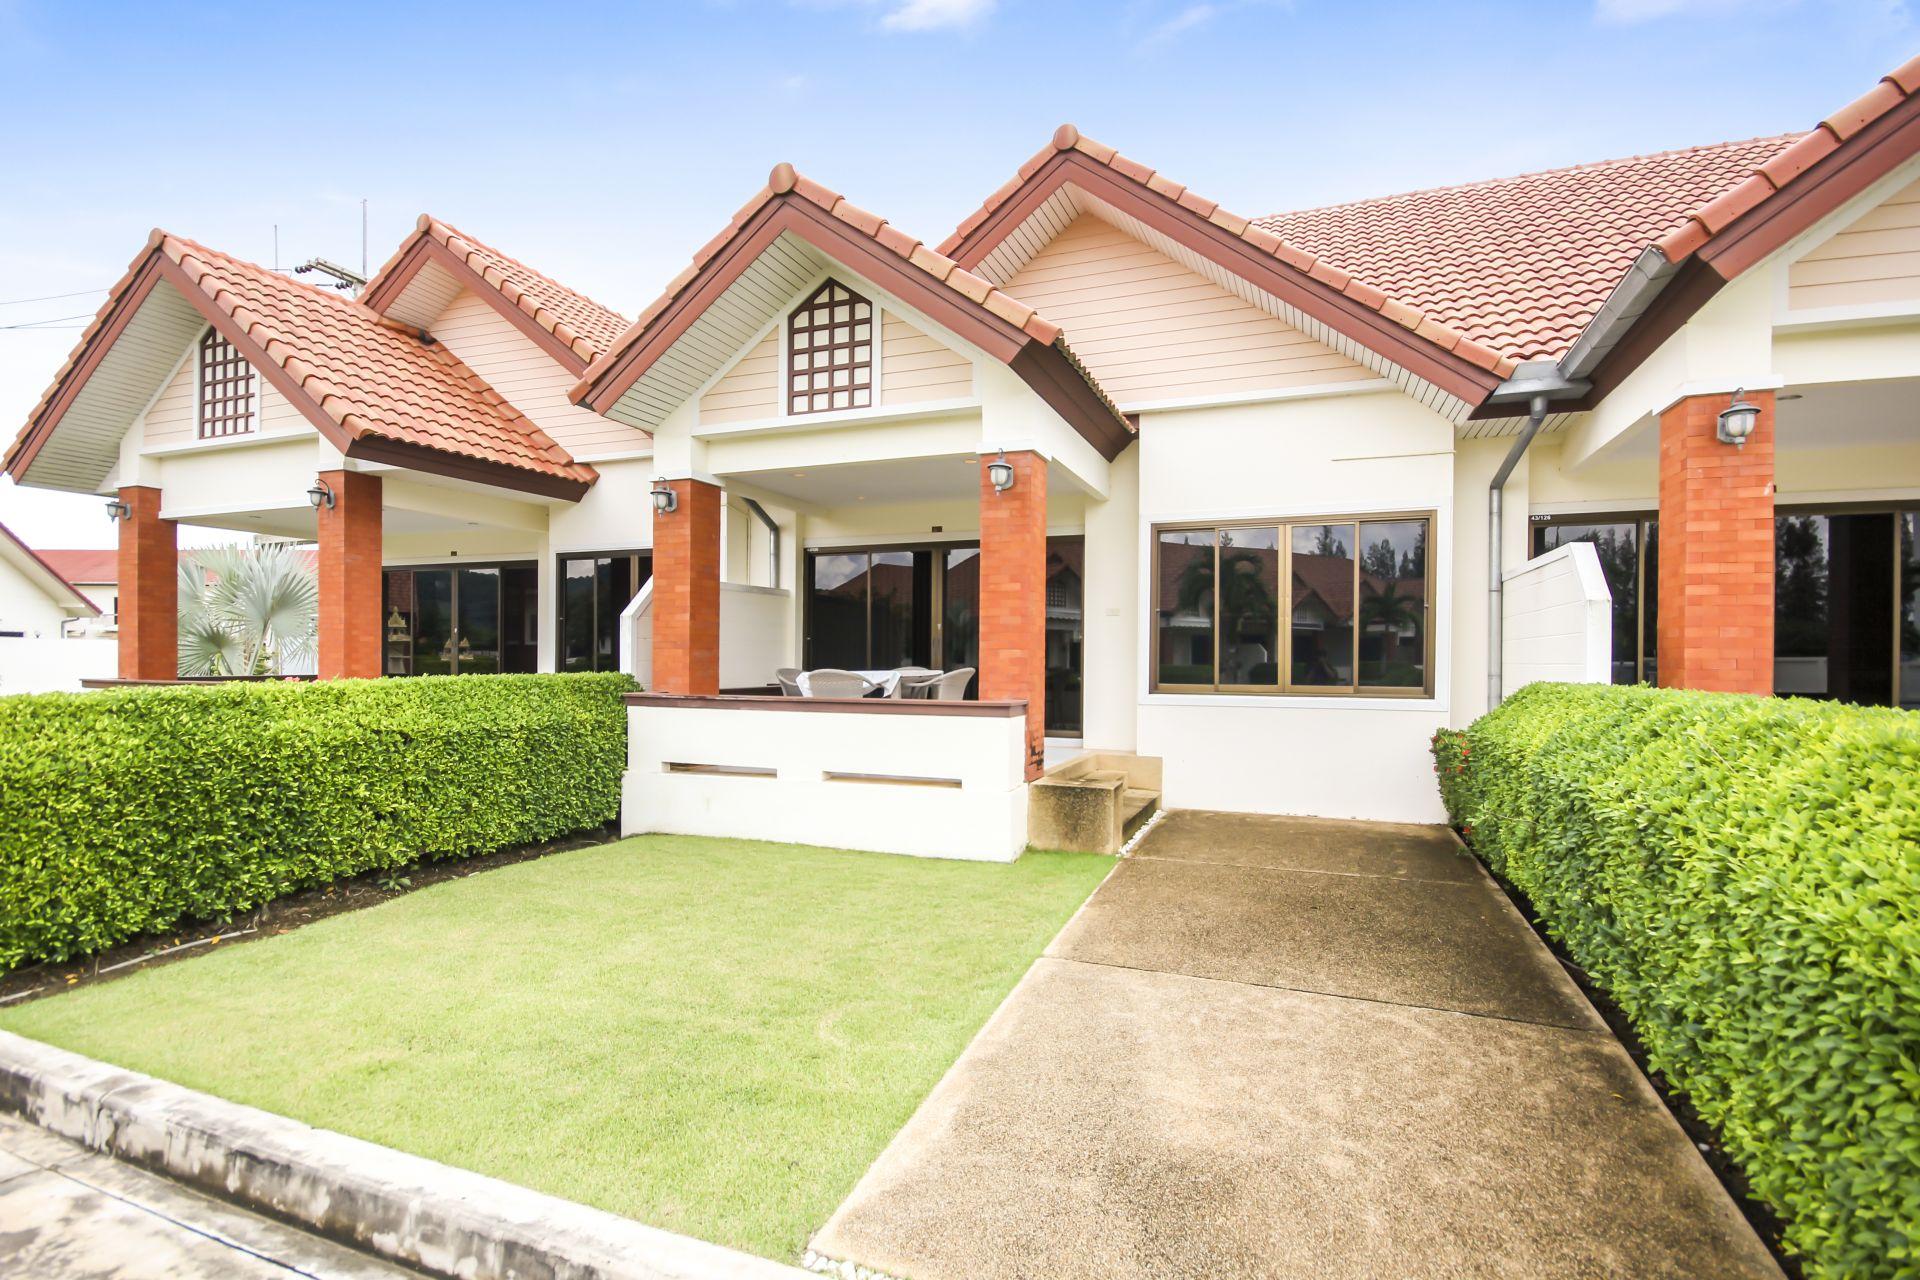 Thailand Resort, soi 112, pris 2830000 baht, 2 soveværelser